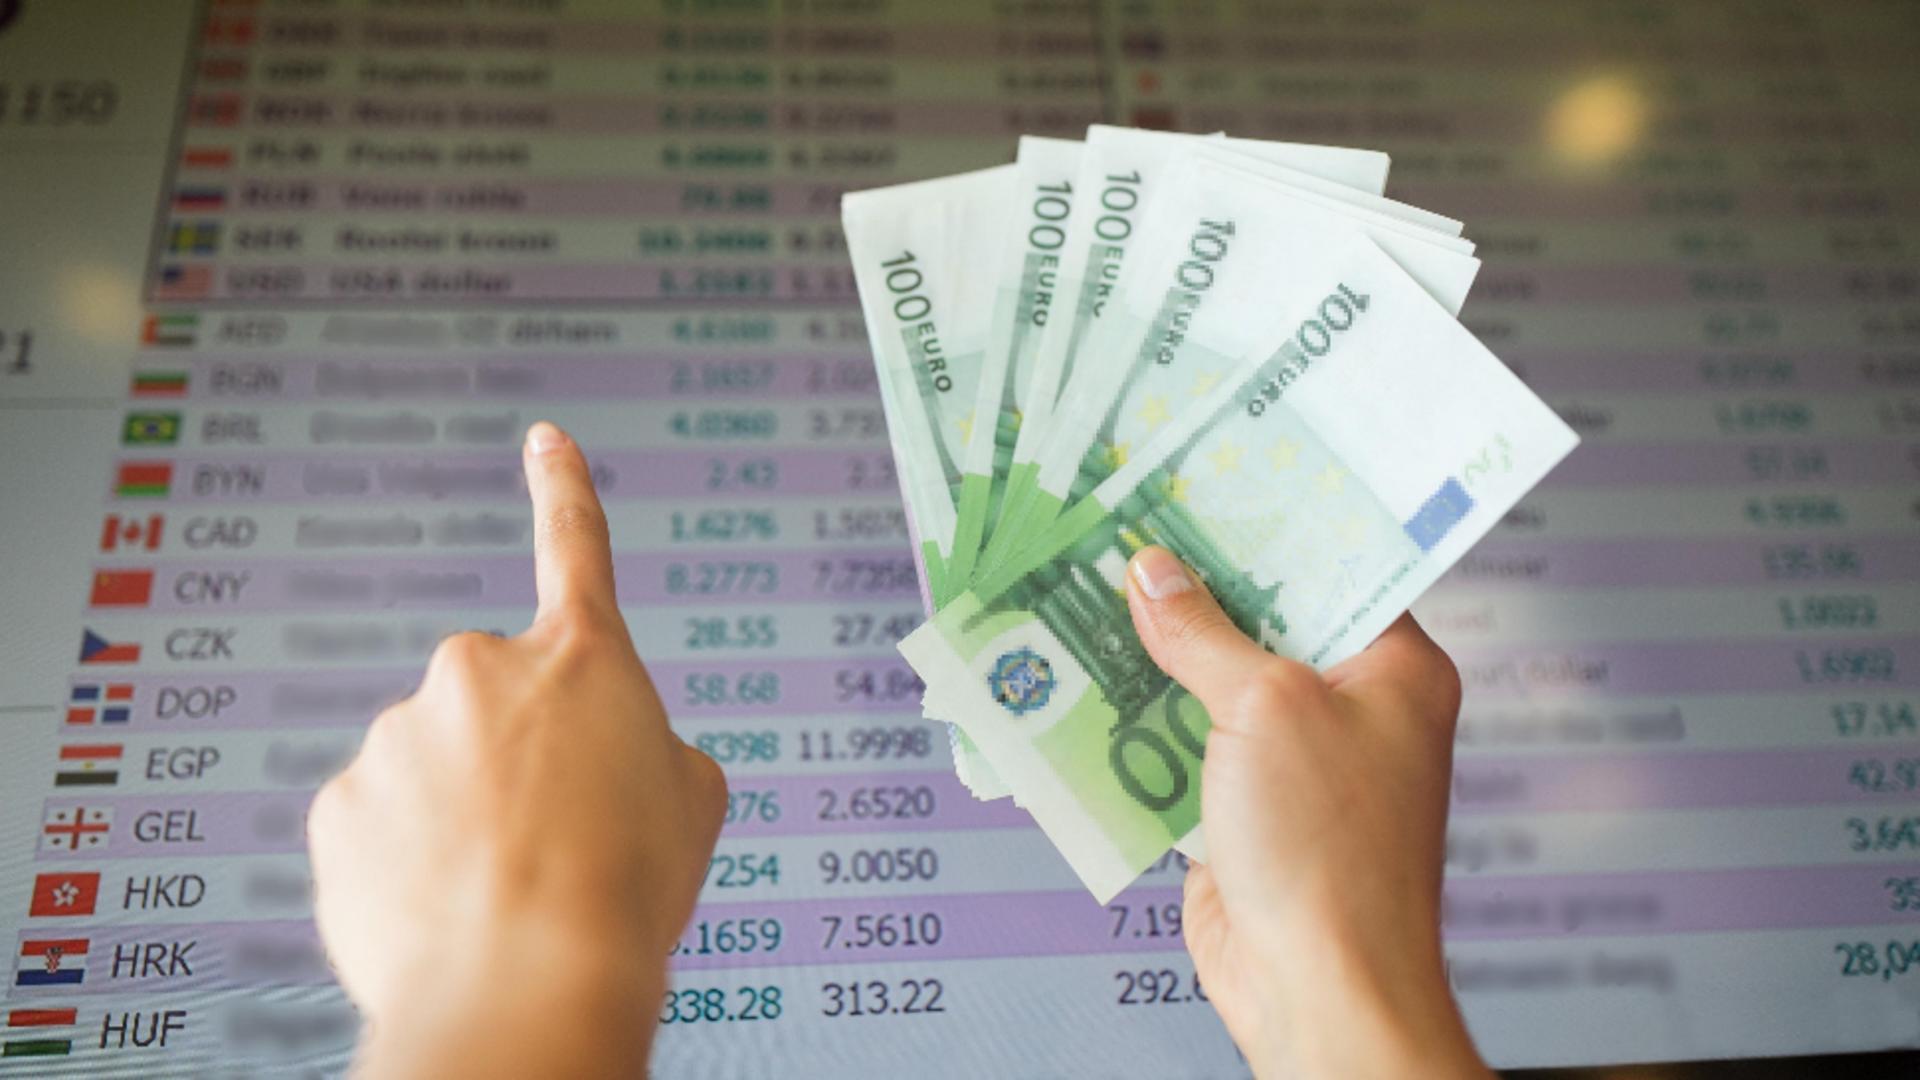 Criza politică aruncă în aer cursul de schimb valutar. Leul pierde încă o bătălie în războiul cu euro. Un nou maxim istoric